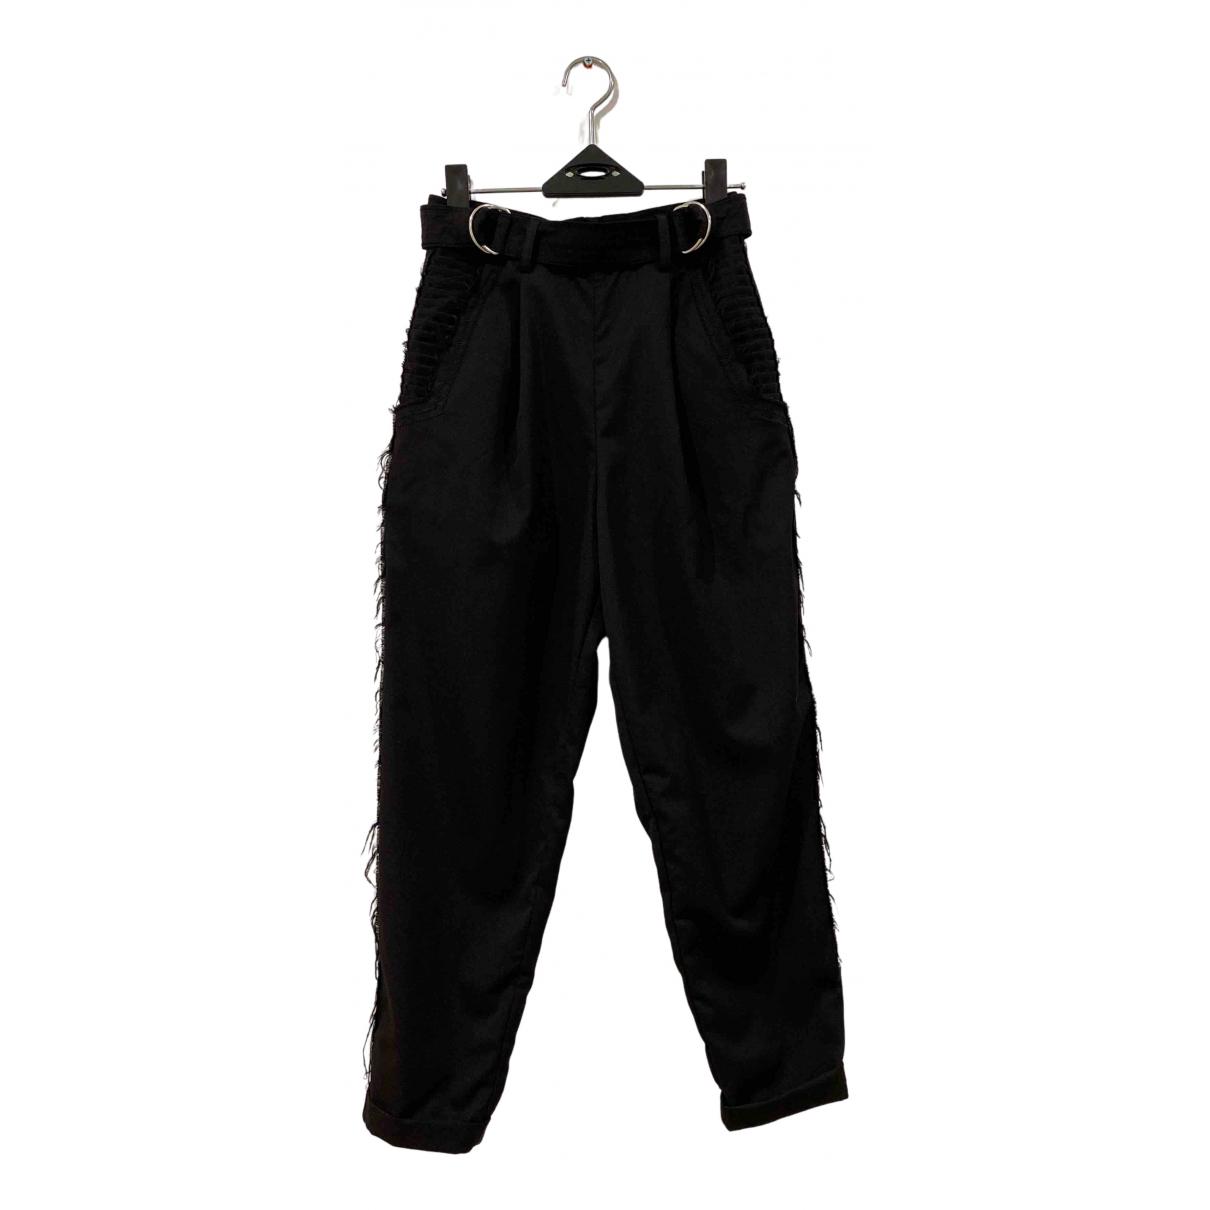 Aje \N Black Wool Trousers for Women 6 UK